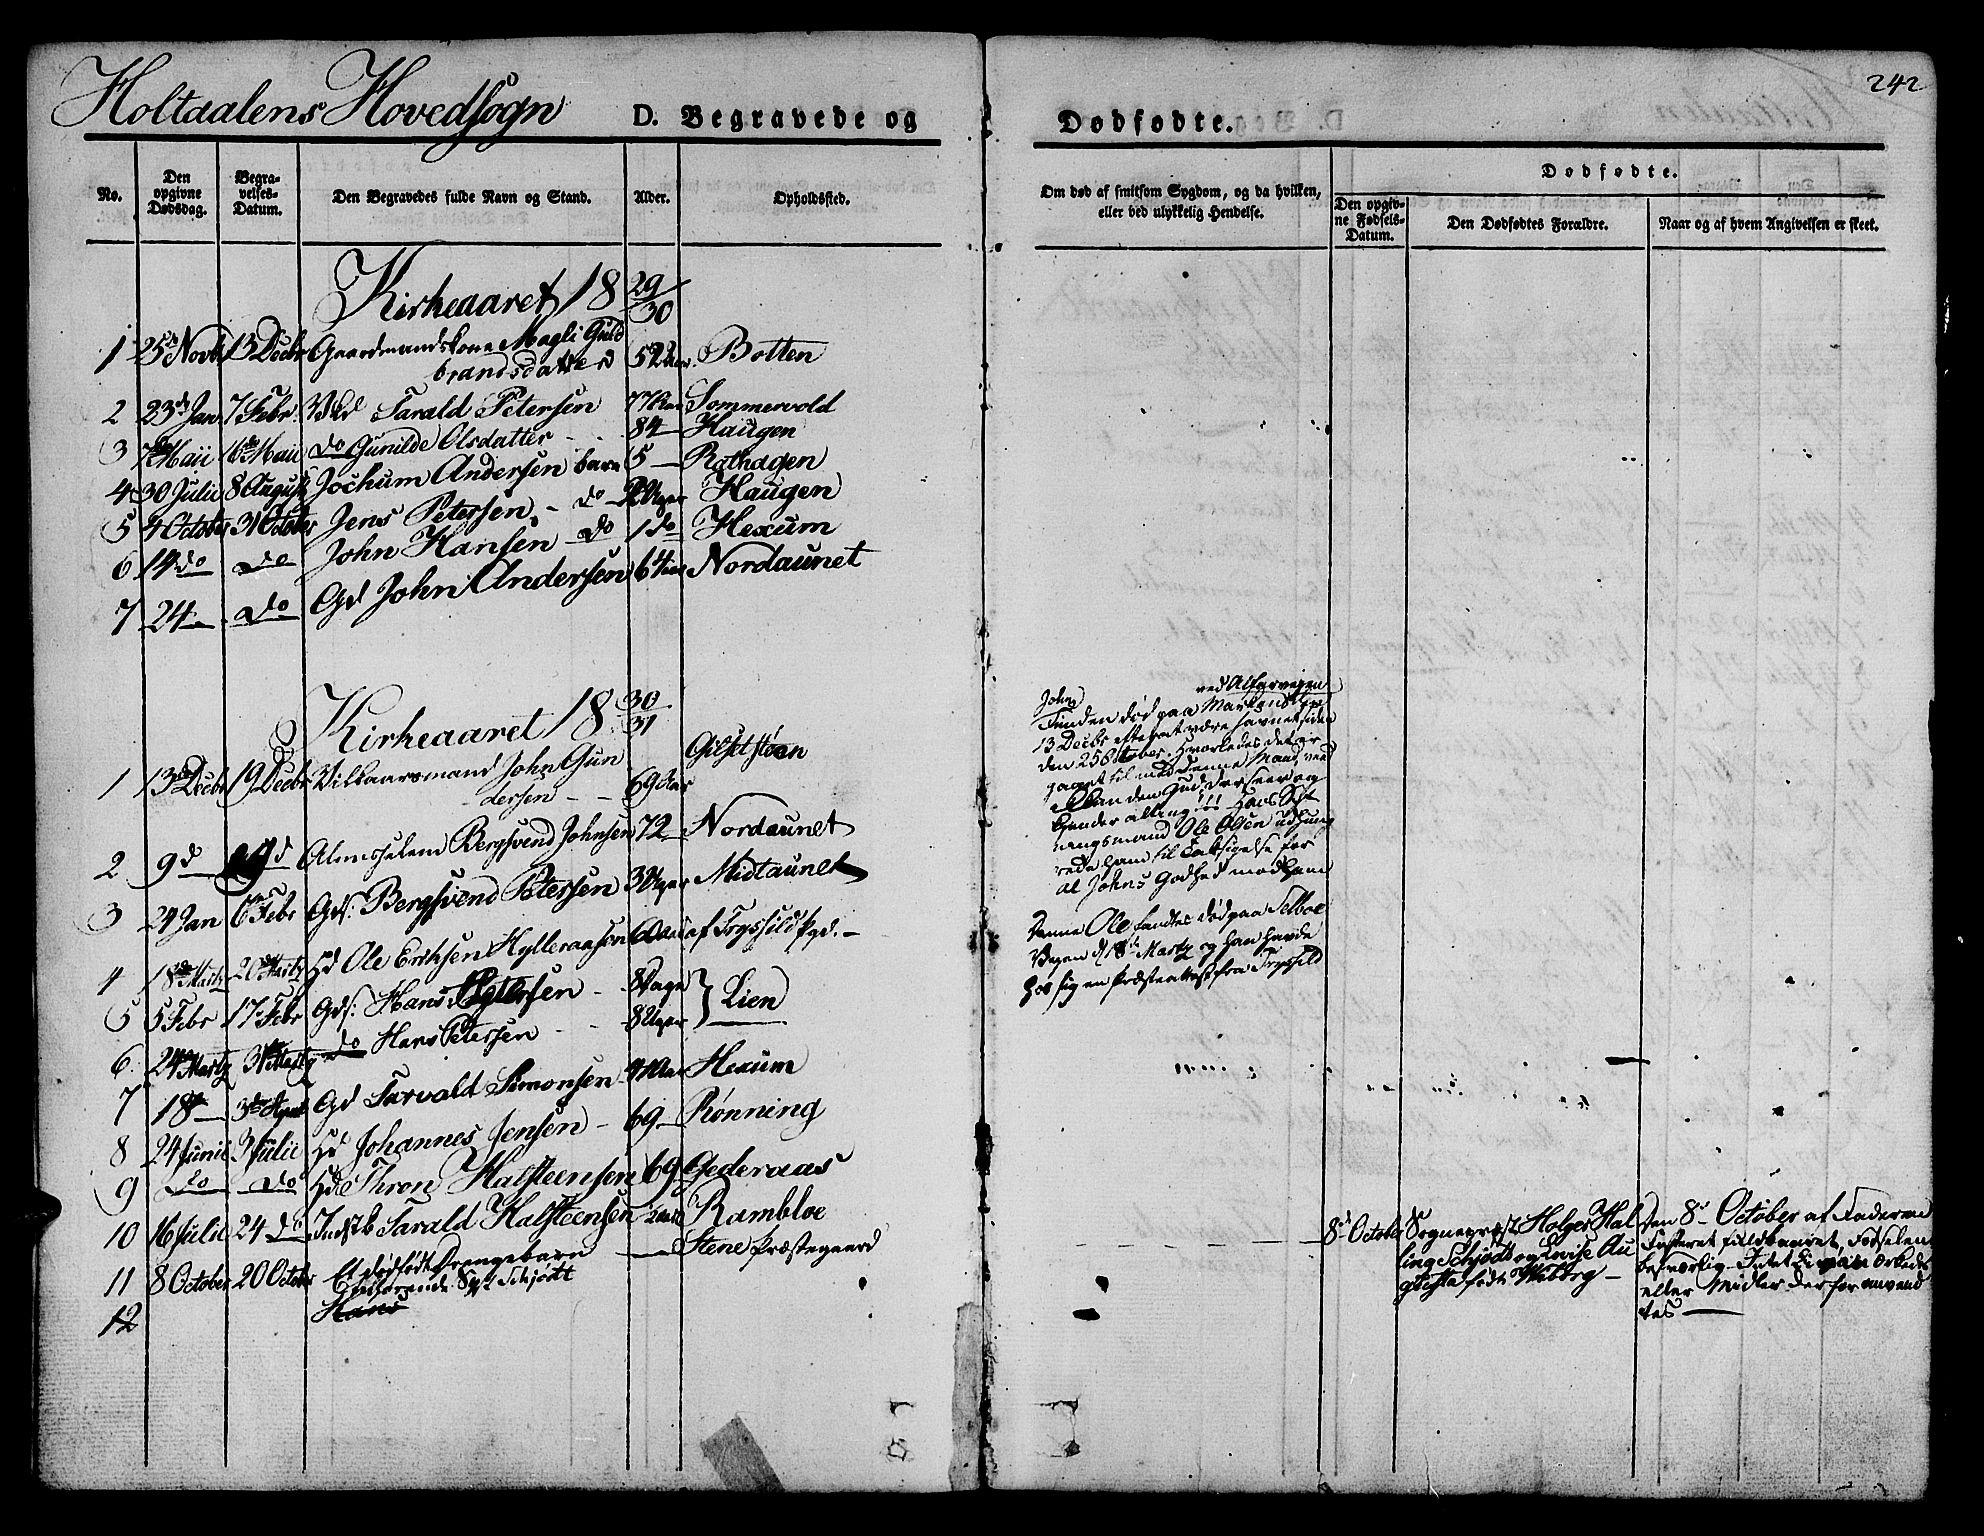 SAT, Ministerialprotokoller, klokkerbøker og fødselsregistre - Sør-Trøndelag, 685/L0960: Ministerialbok nr. 685A05 /1, 1829-1845, s. 242